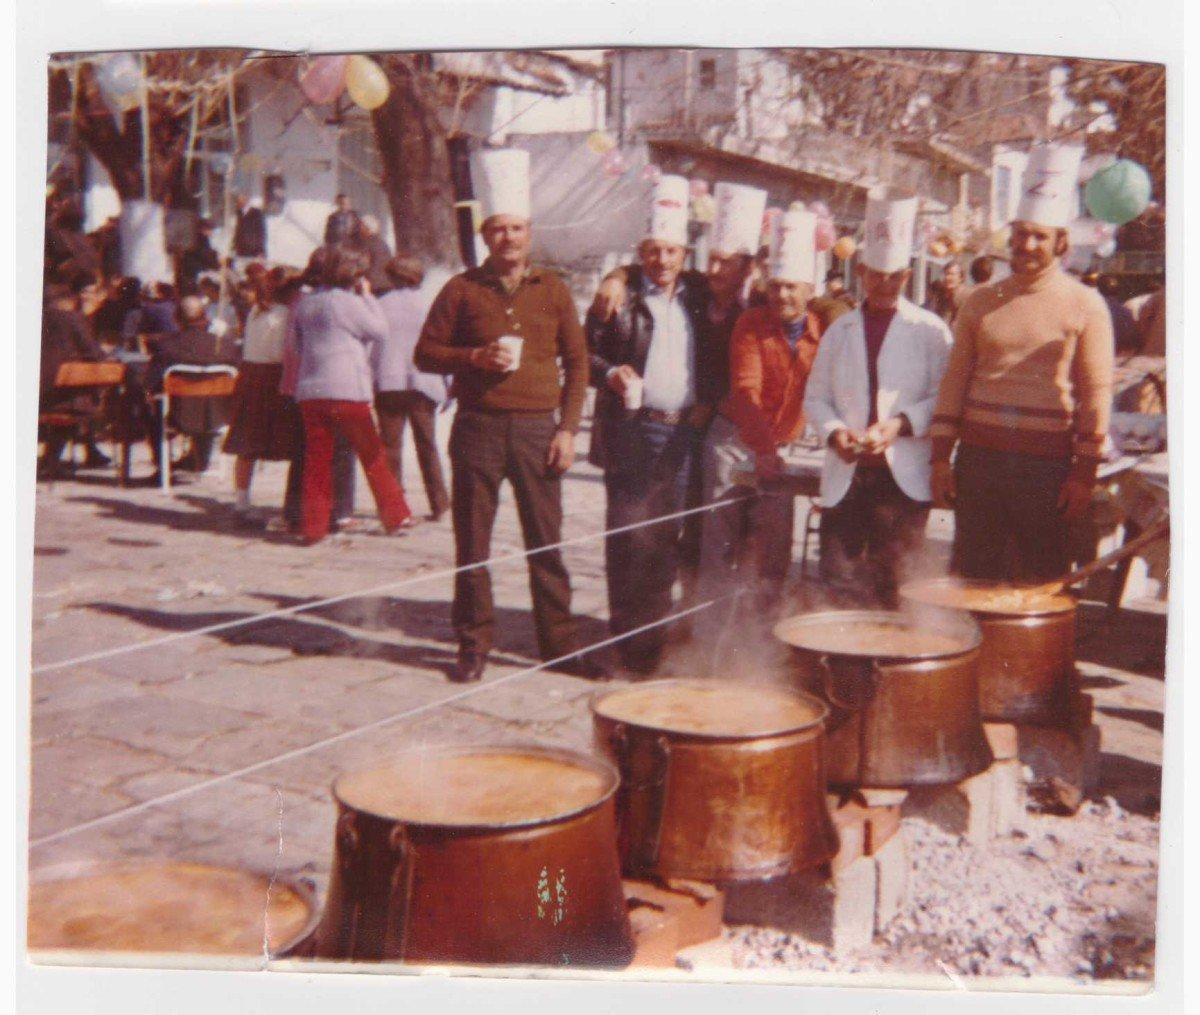 Παραδοσιακές αποκριάτικες εκδηλώσεις στη Ραψάνη